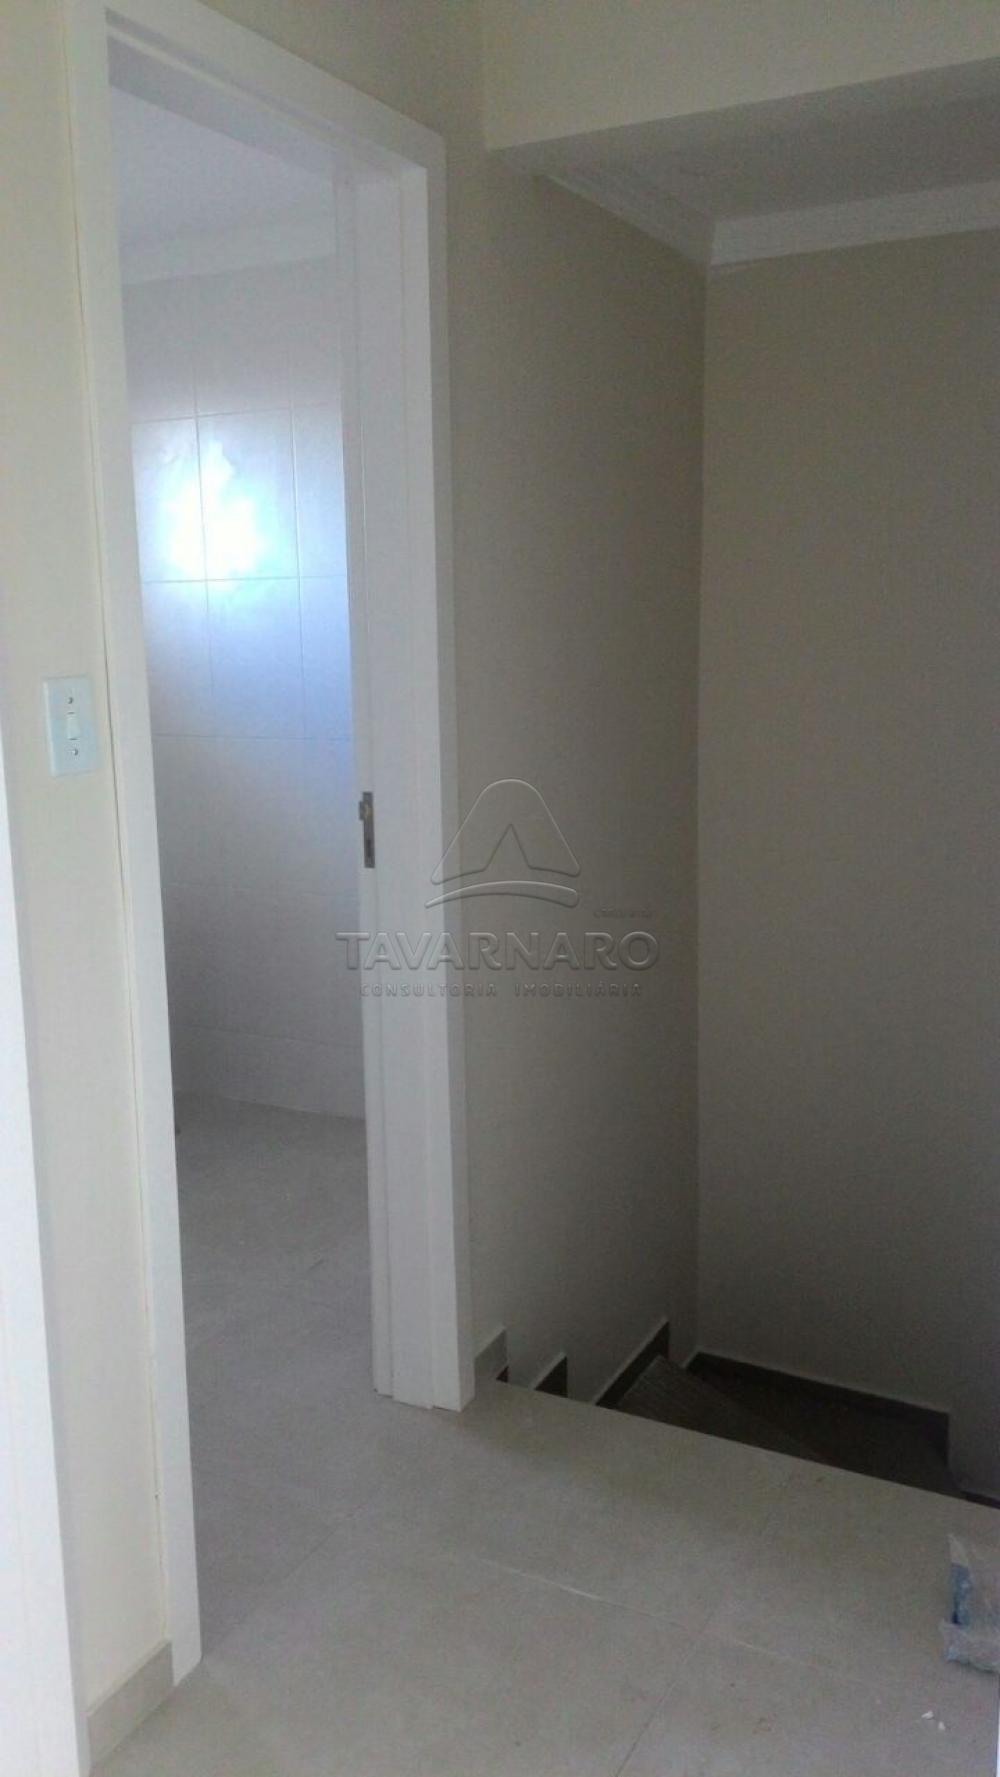 Comprar Casa / Sobrado em Ponta Grossa apenas R$ 135.000,00 - Foto 14